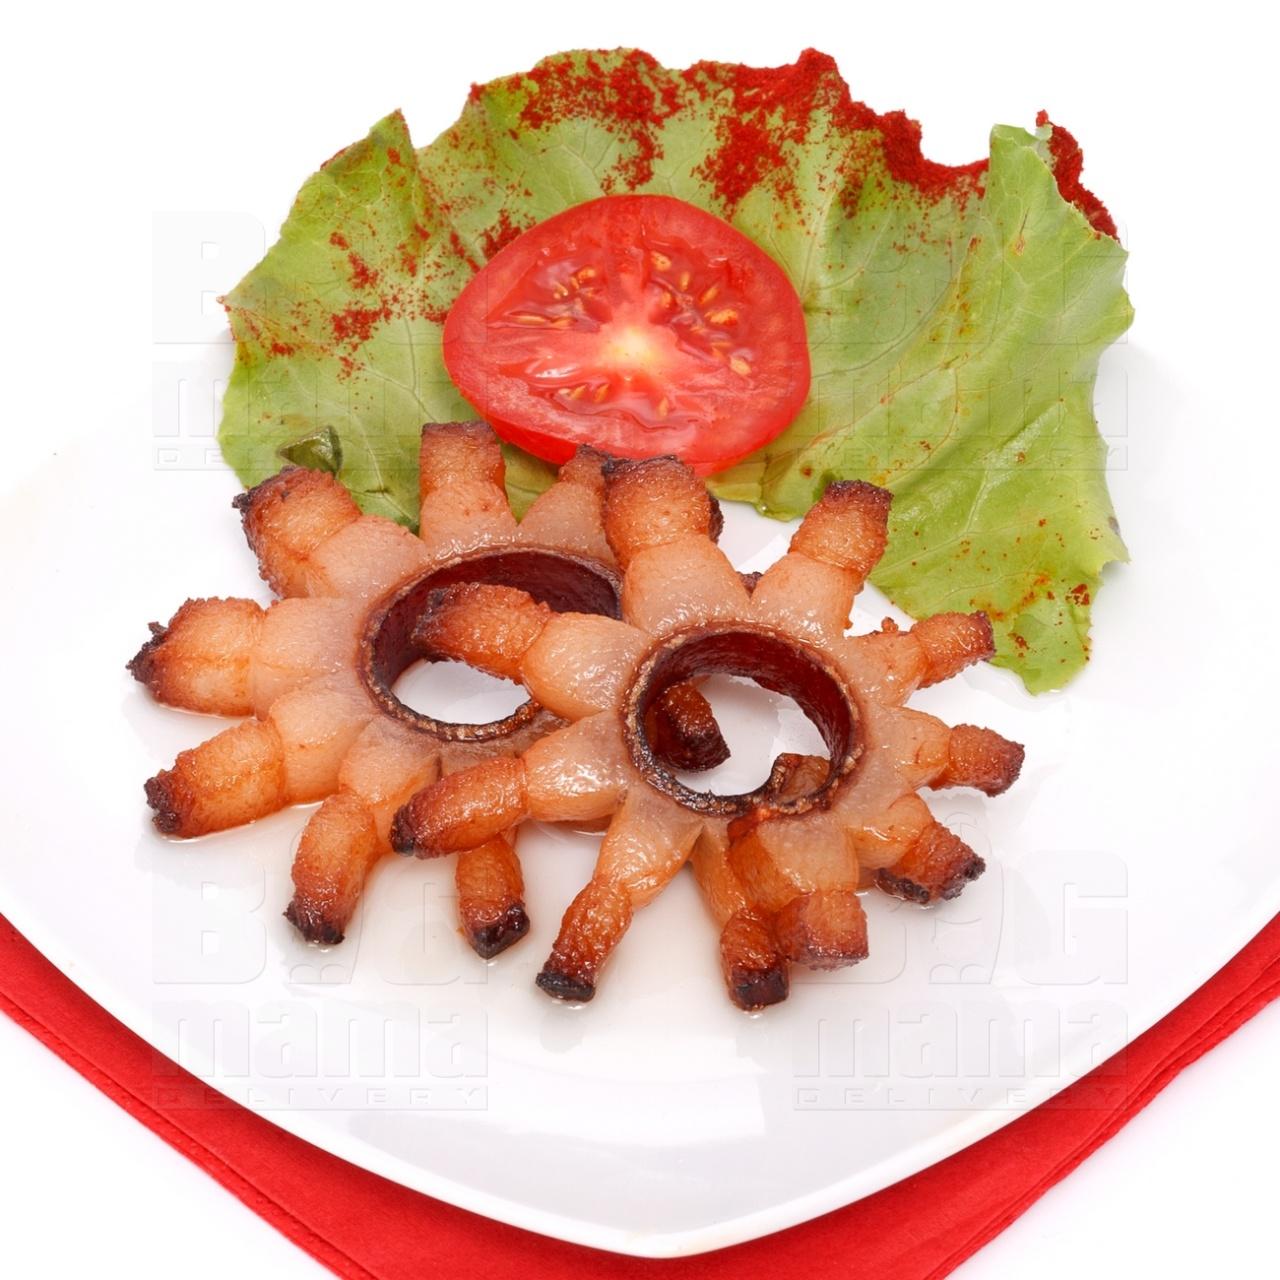 Product #23 image - Slănină prăjită